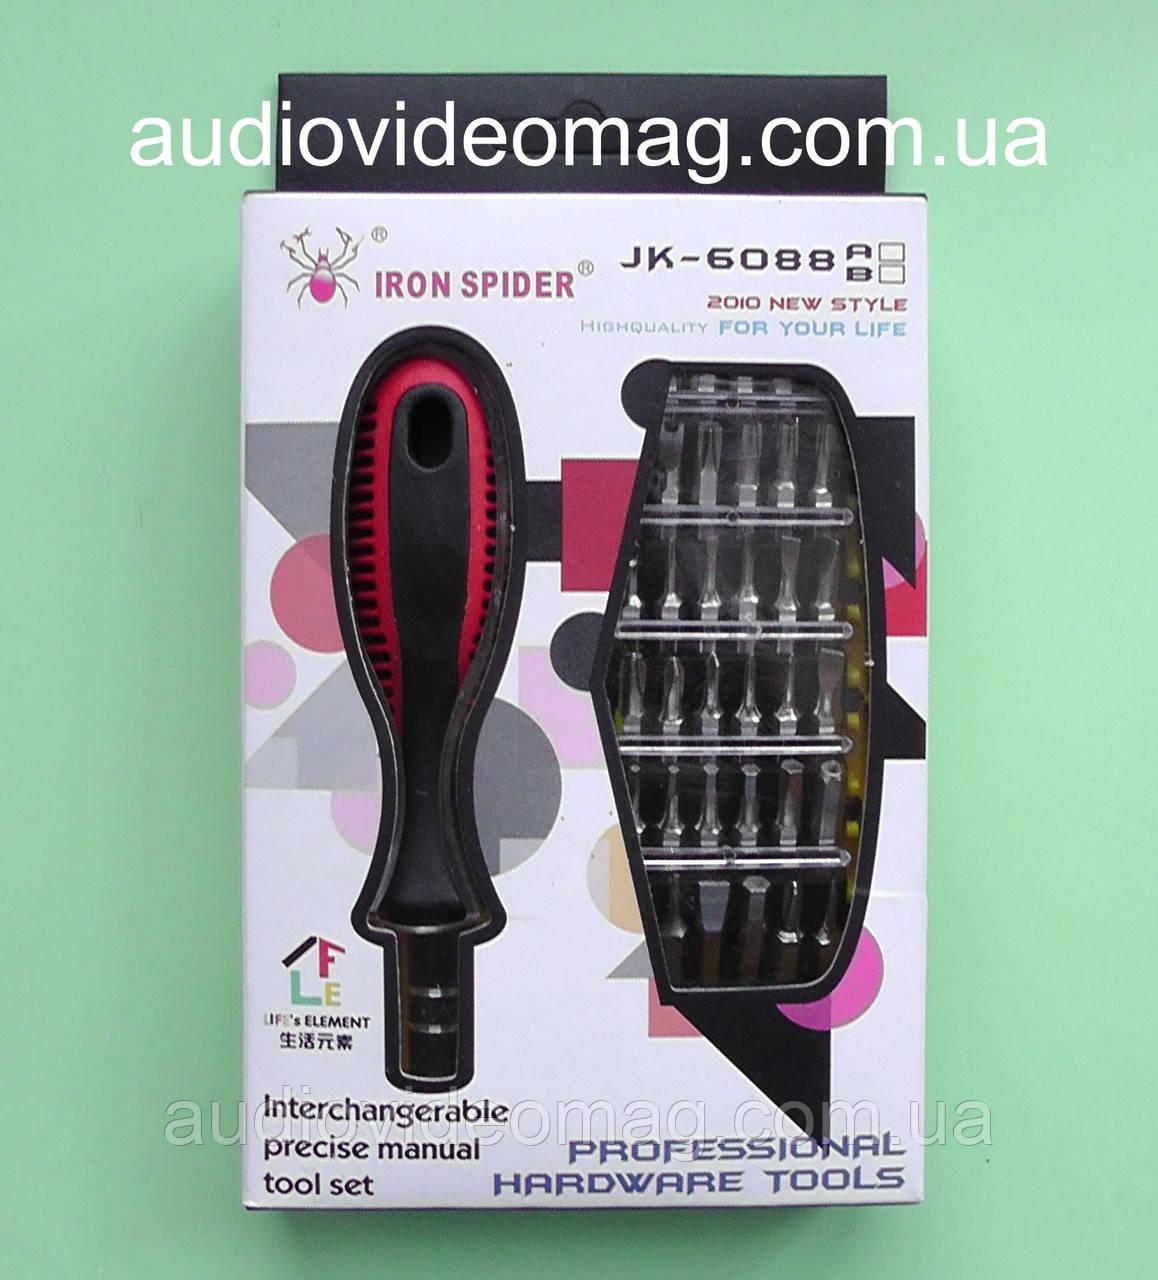 Набір біт Iron Spaider 6088B 37 в 1 для ремонту мобільних телефонів, планшетів